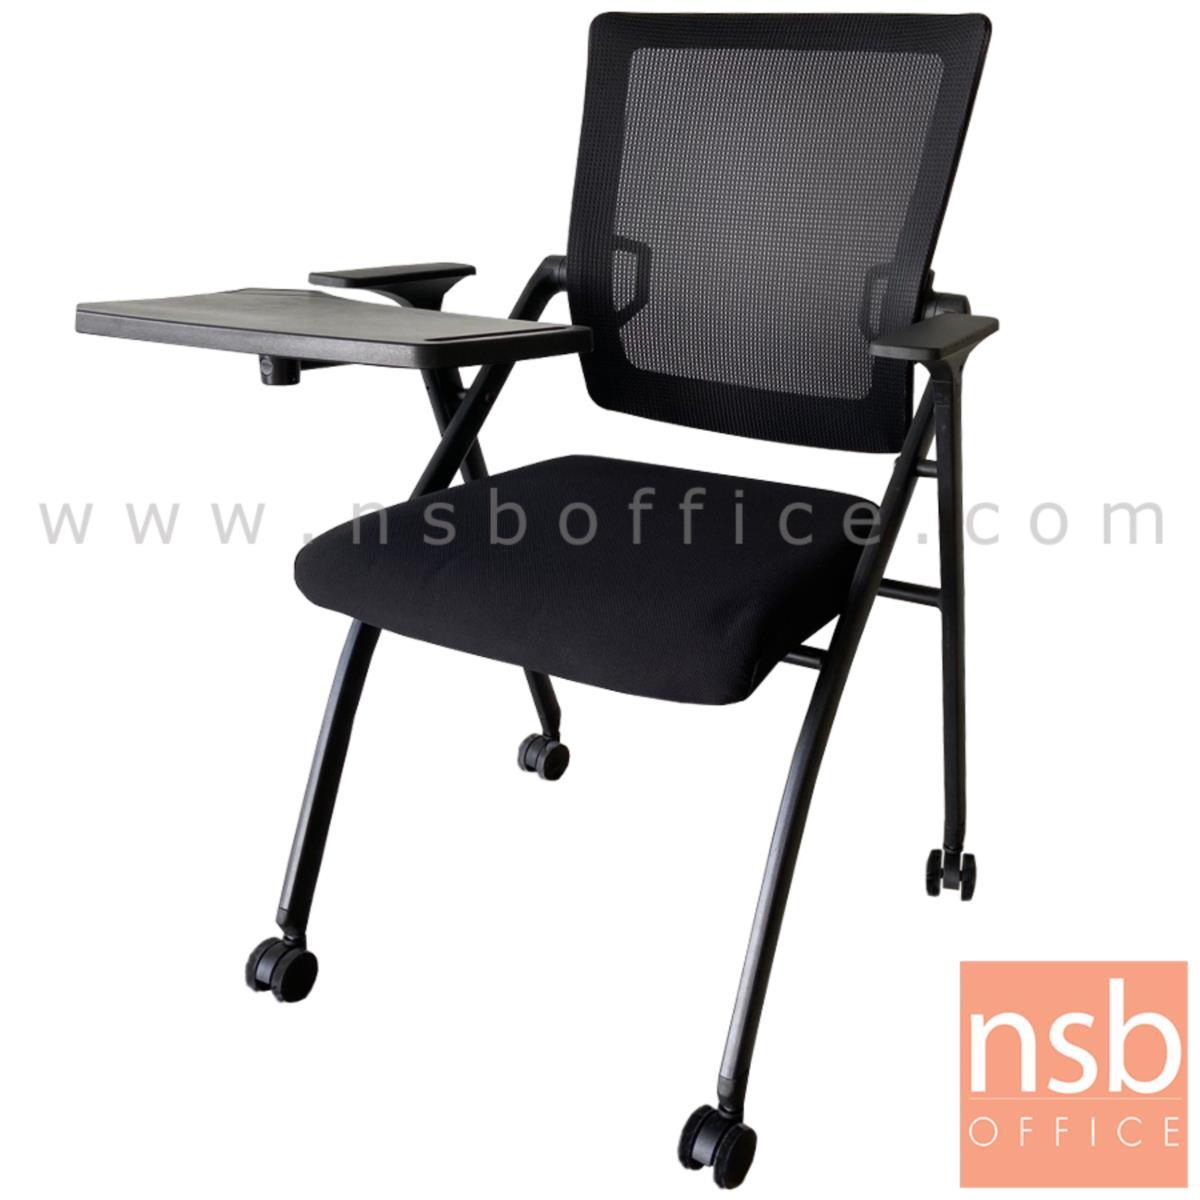 B30A057:เก้าอี้เลคเชอร์หลังเน็ตล้อเลื่อน รุ่น Connec (คอนเนก)  ขาเหล็กพ่นสีดำ ท้าวแขนปรับได้